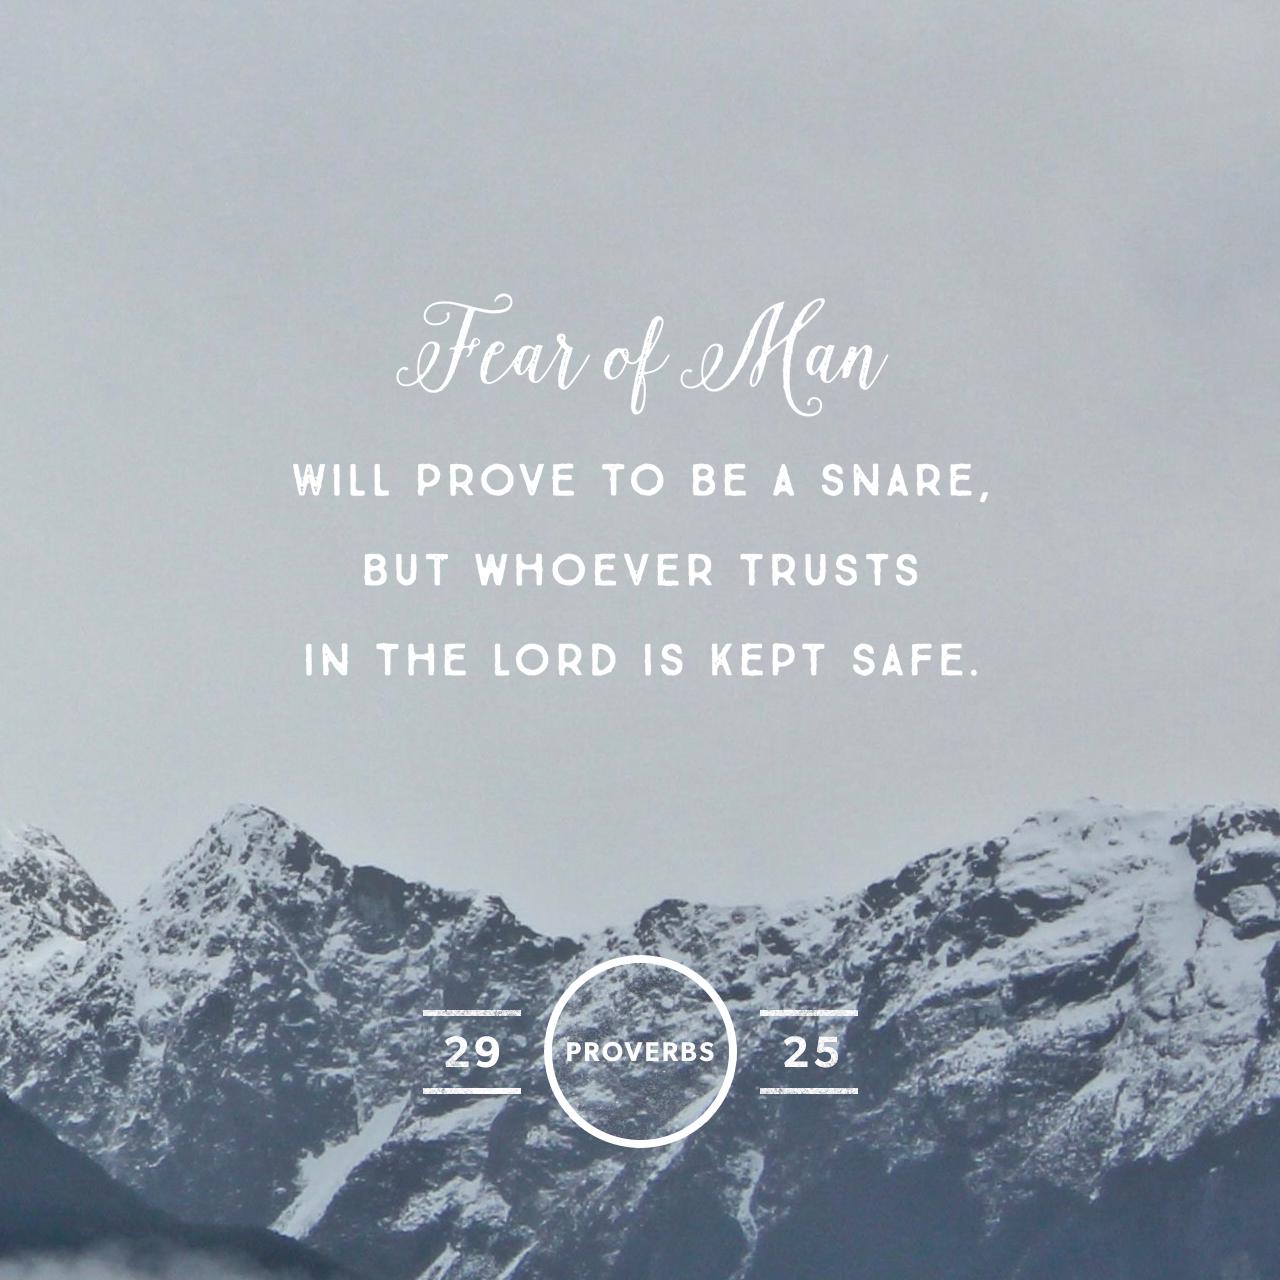 Proverbs 29:25